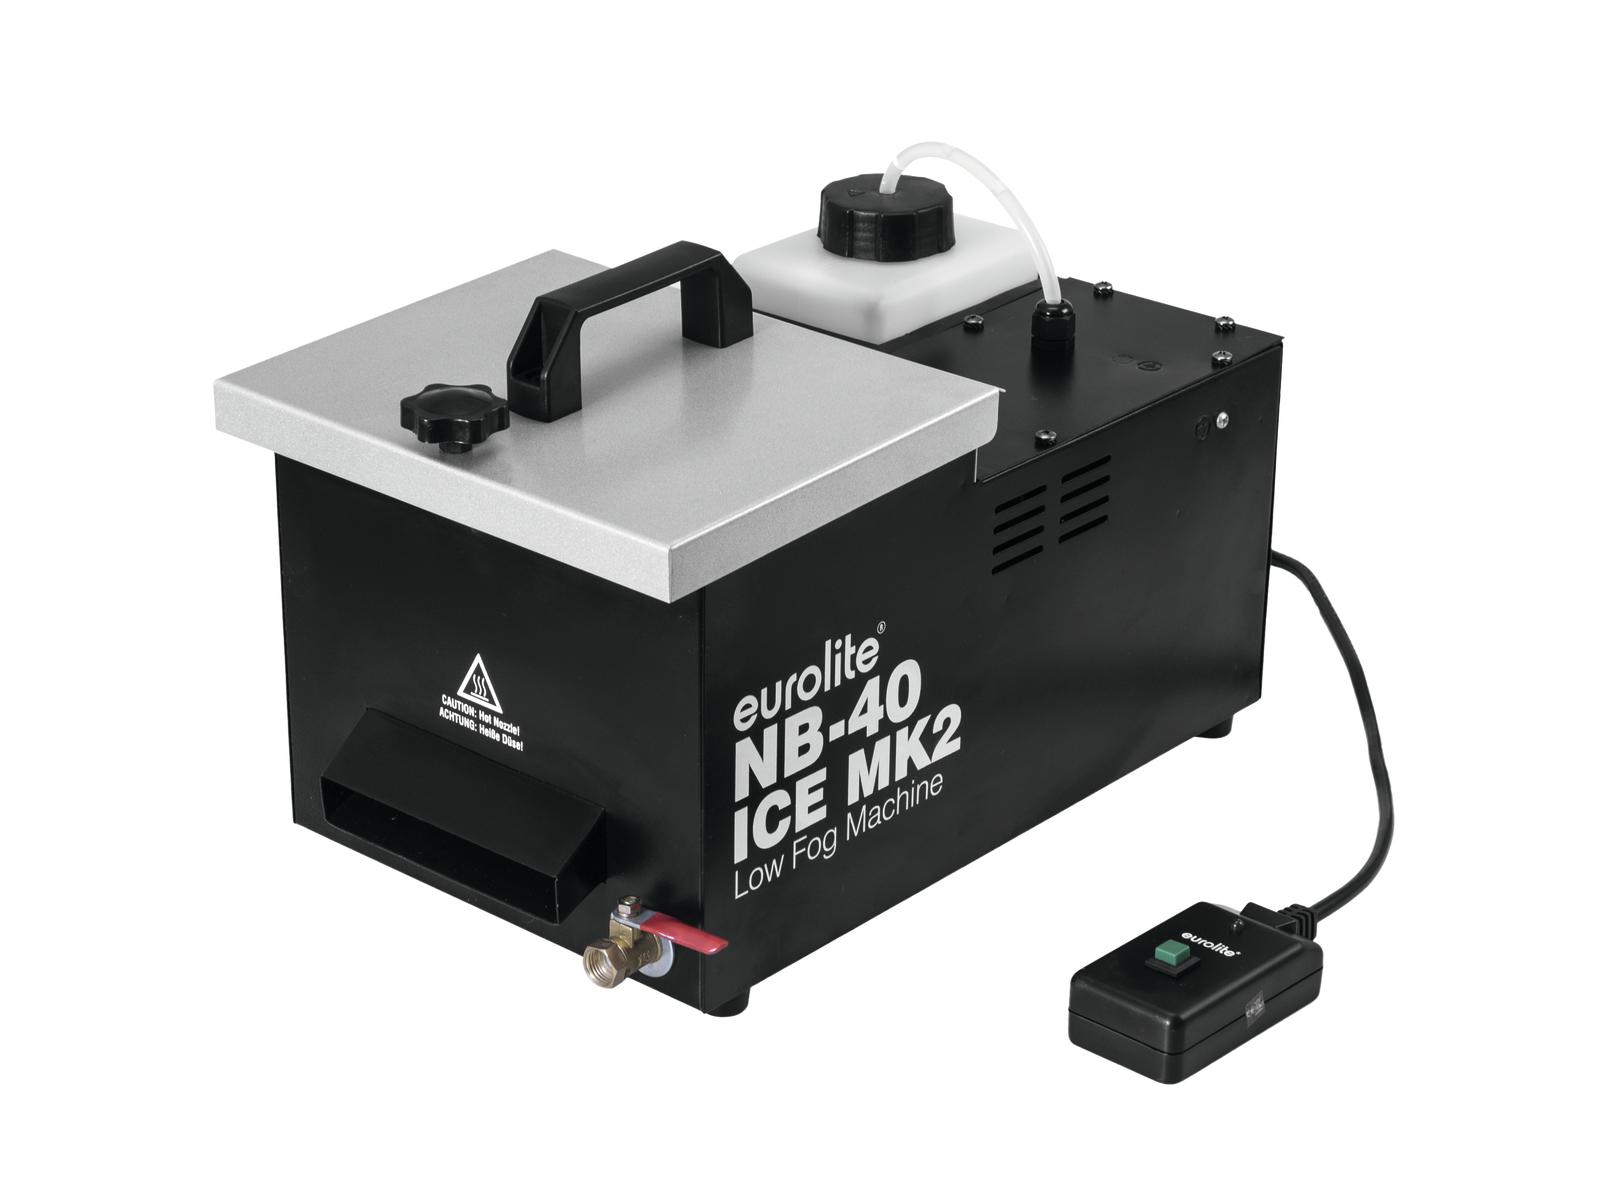 Eurolite NB-40 MK2 ICE výrobník na těžkou mlhu